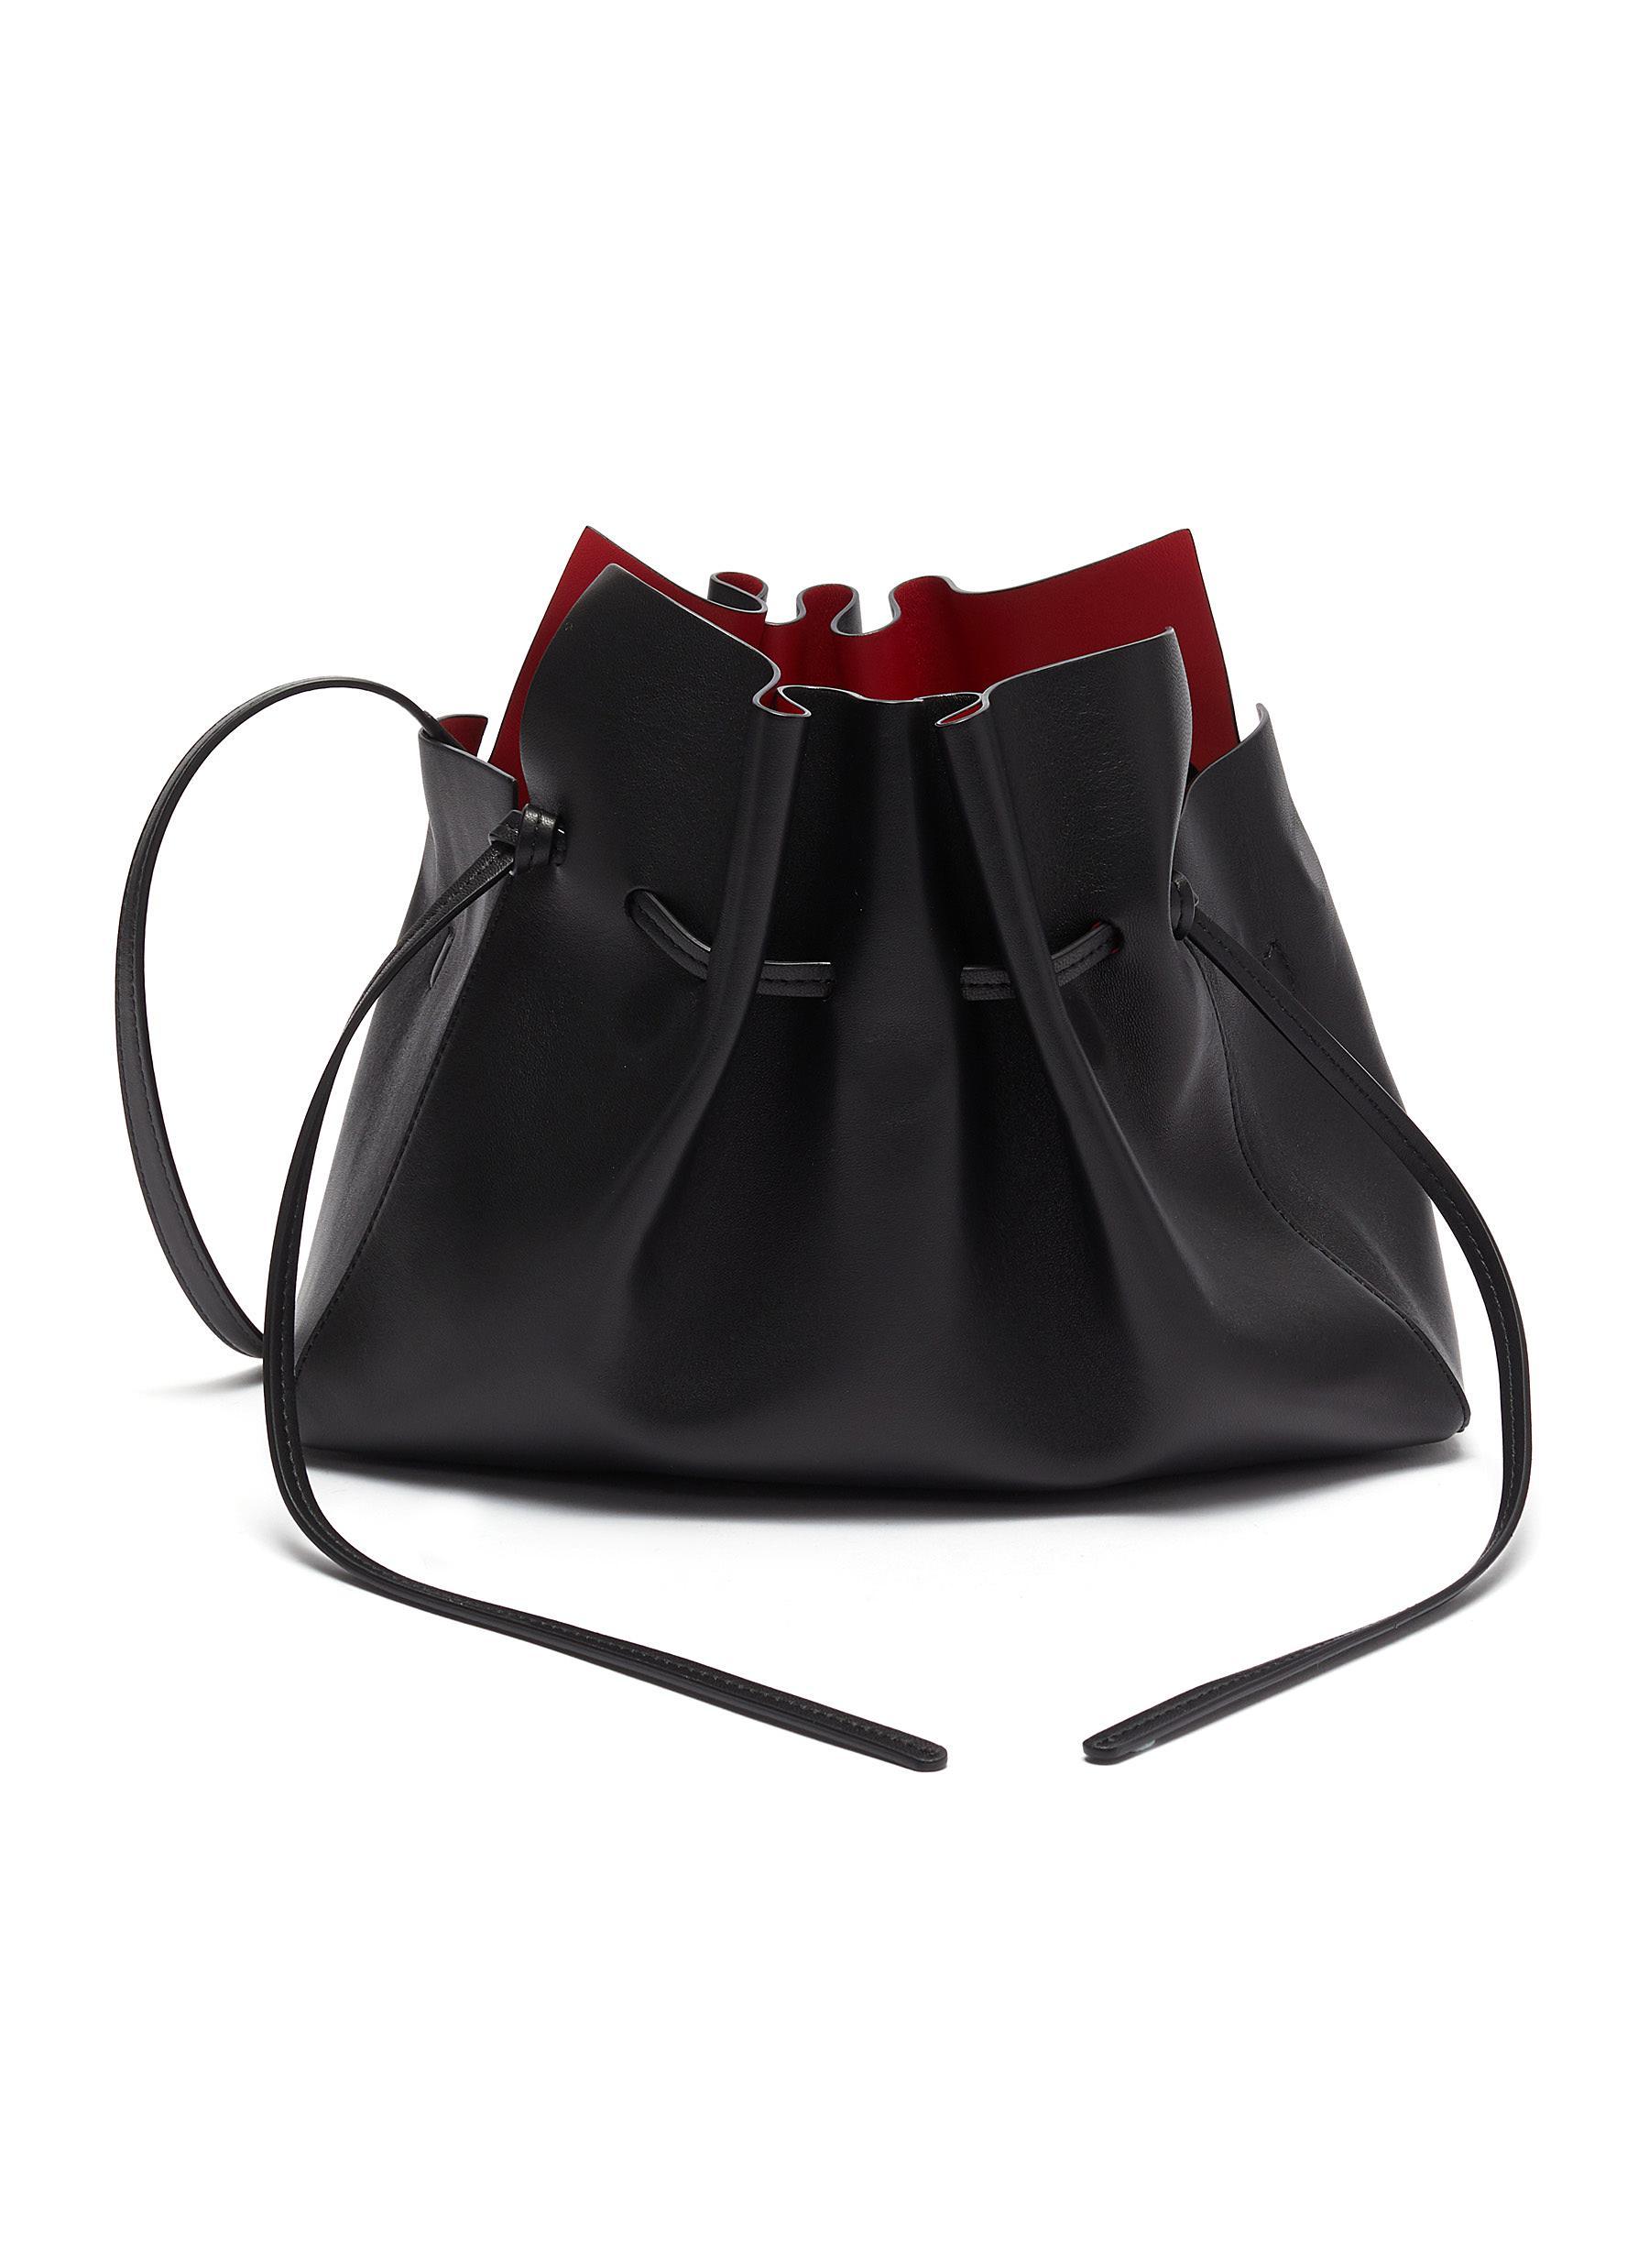 Mansur Gavriel 'Protea' Mini Leather Bag